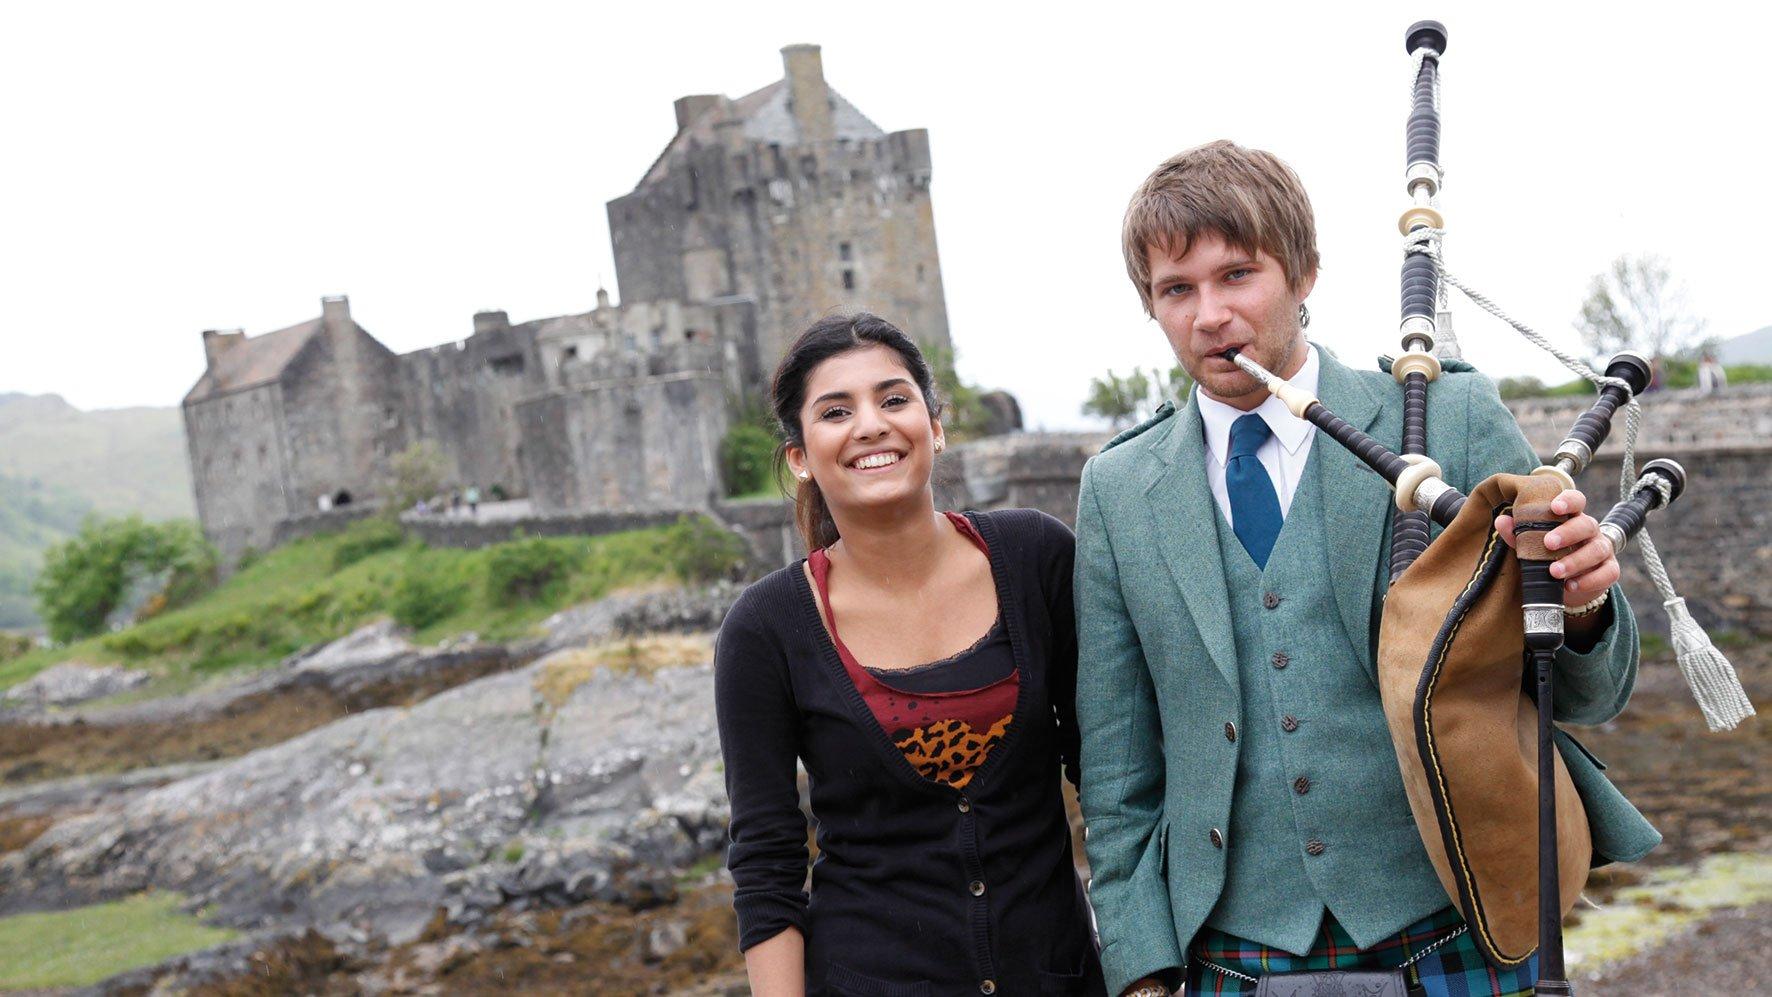 Schülerin mit Dudelsackspieler vor Burg